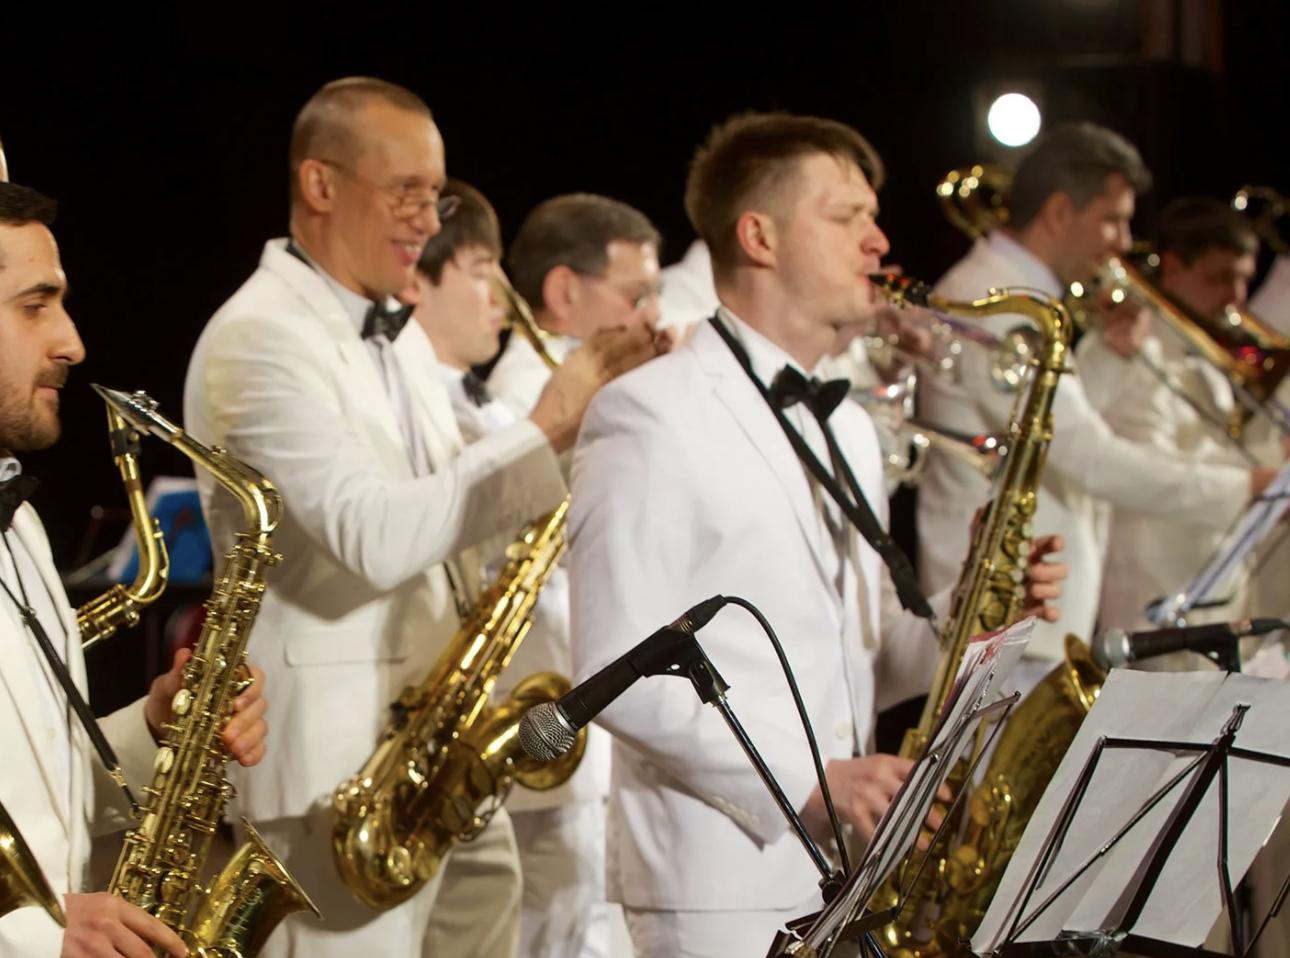 Завтра, 2 января, можно будет посмотреть в онлайн-режиме новогодний концерт биг-бенда Георгия Гараняна. И не только